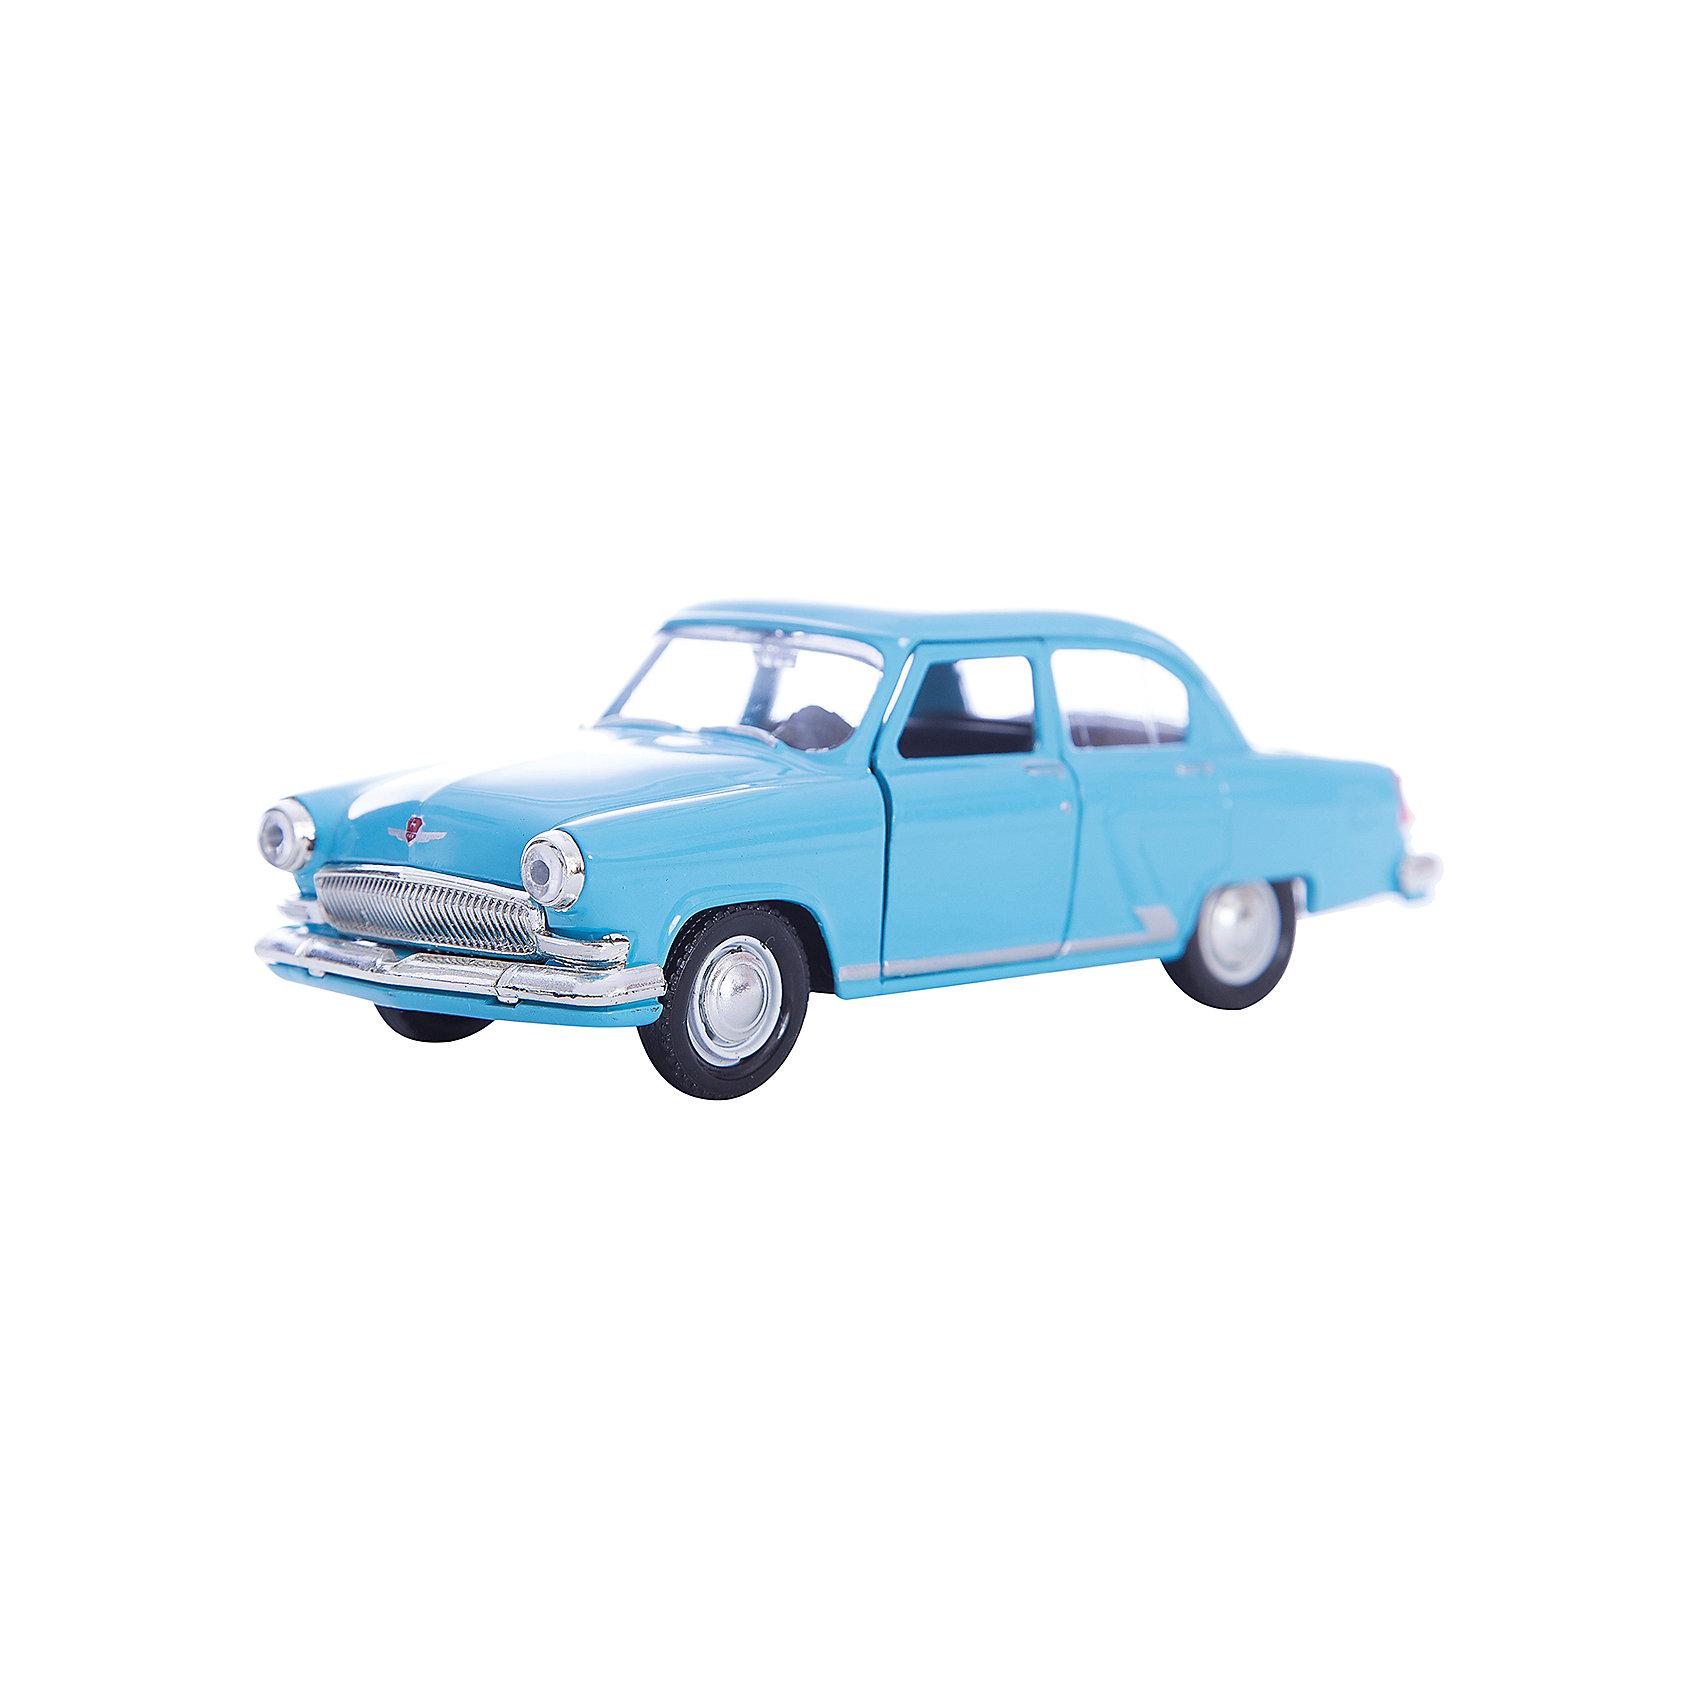 Машинка ГАЗ-21 Волга гражданская 1:43, AutotimeМашинки<br>Характеристики товара:<br><br>• цвет: голубой<br>• материал: металл, пластик<br>• размер: 16х7,5х5,7 см<br>• вес: 100 г<br>• масштаб: 1:43<br>• прочный материал<br>• хорошая детализация<br>• открываются двери<br>• вращаются колеса<br>• коллекционная<br>• страна бренда: Россия<br>• страна производства: Китай<br><br>Металлическая машинка ГАЗ-21 Волга от бренда AUTOTIME придется по душе мальчикам. Это идеальный подарок для ценителя и коллекционера автомобилей, которые выполнены с подробной детализацией. Игрушка является настоящей копией машины «Волга». Двери машинки открываются свободно, колеса вращаются. Поэтому она может стать и частью коллекции, и выступать отдельной игрушкой.<br><br>Машинка может выполнять сразу несколько функций: развлекать ребенка, помогать вырабатывать практические качества: ловкость, координацию, мелкую моторику. Также в процессе увлекательной игры развивается фантазия ребенка. Изделие выполнено из сертифицированных материалов, безопасных для детей.<br><br>Машинку ГАЗ-21 Волга гражданская от бренда AUTOTIME можно купить в нашем интернет-магазине.<br><br>Ширина мм: 165<br>Глубина мм: 57<br>Высота мм: 75<br>Вес г: 13<br>Возраст от месяцев: 36<br>Возраст до месяцев: 2147483647<br>Пол: Мужской<br>Возраст: Детский<br>SKU: 5583962